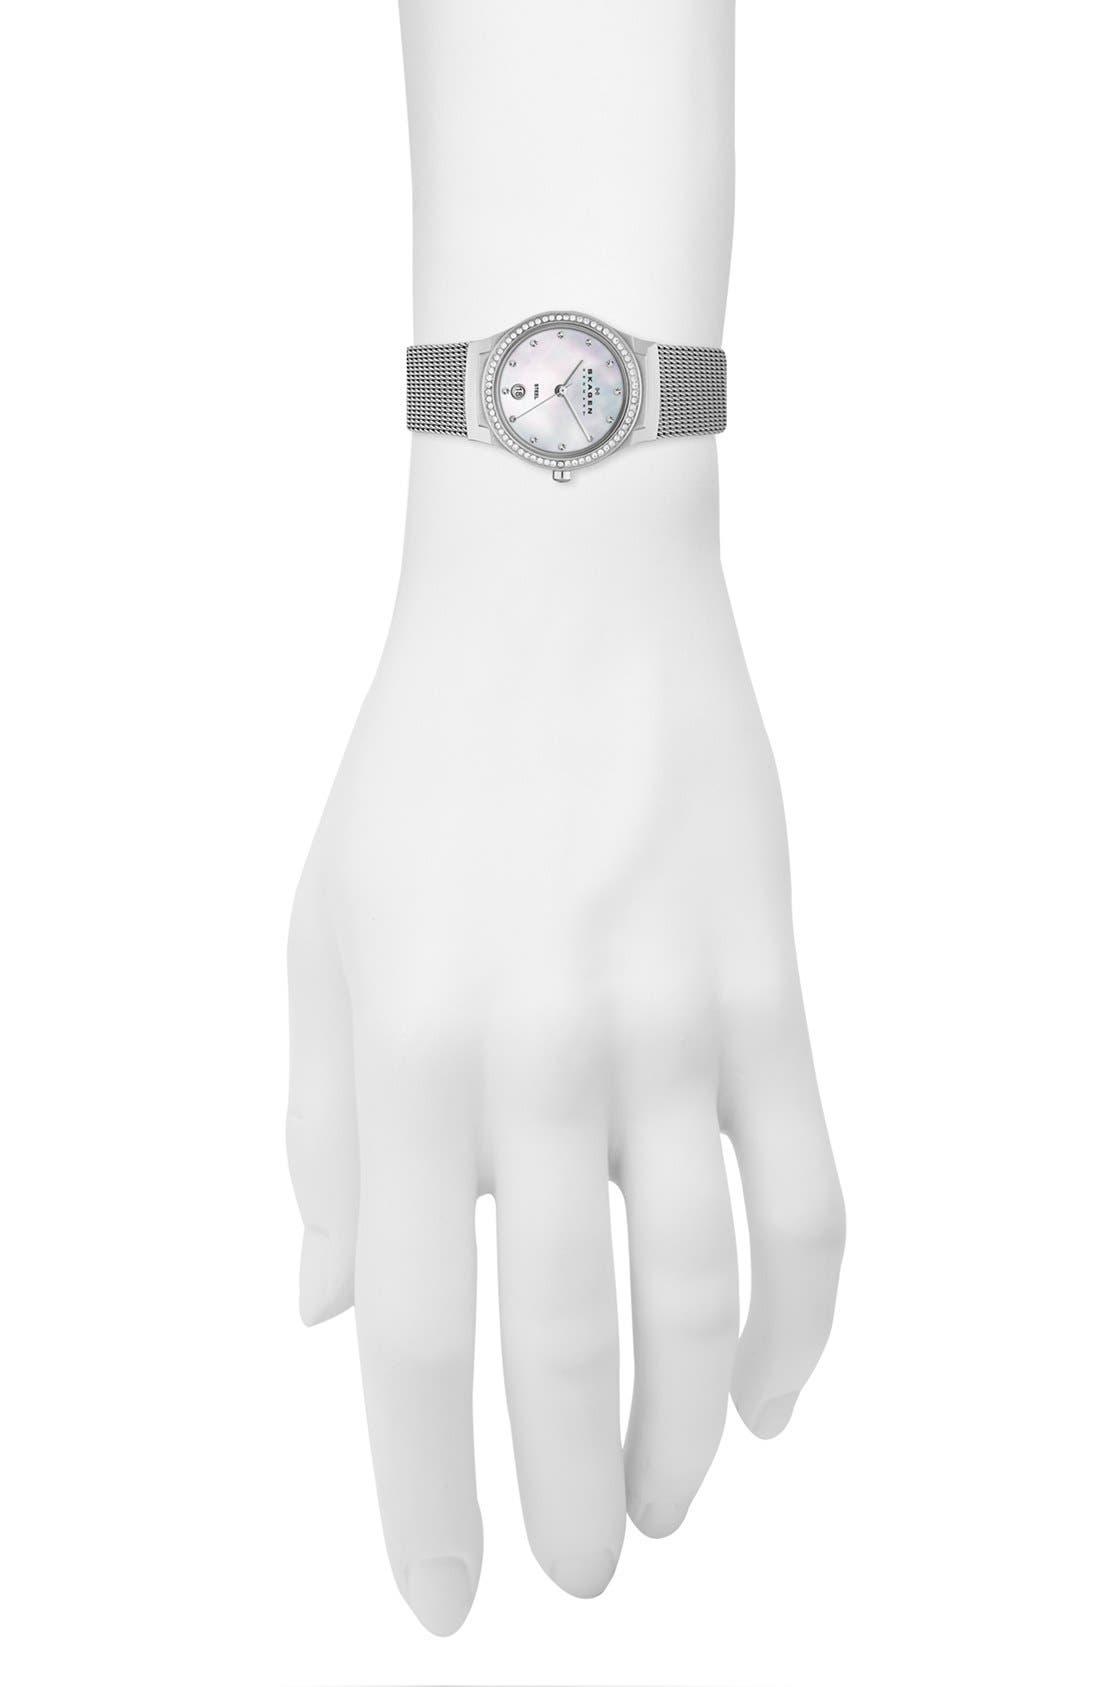 Alternate Image 2  - Skagen 'Mesh' Round Crystal Bezel Watch, 26mm